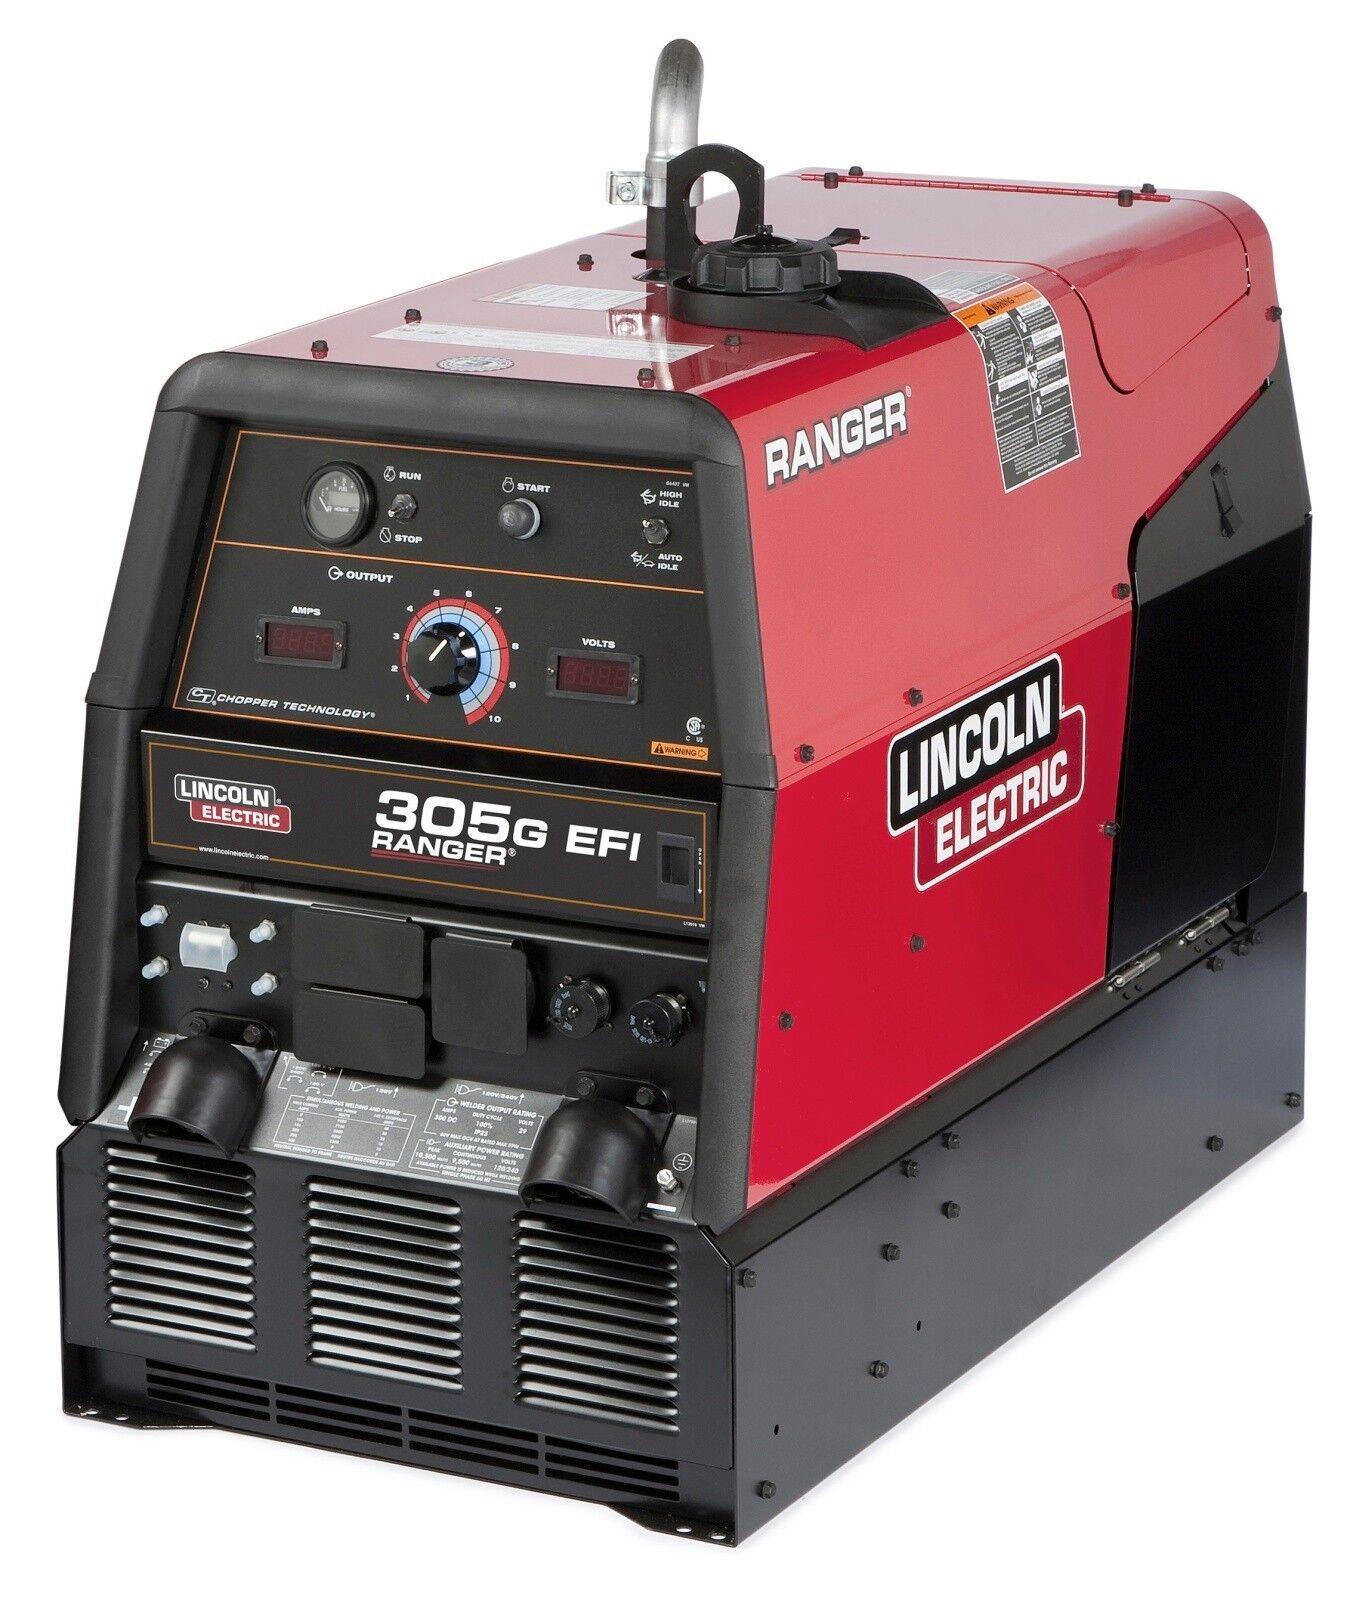 Lincoln Ranger 305g W efi Welder Generator K3928 1